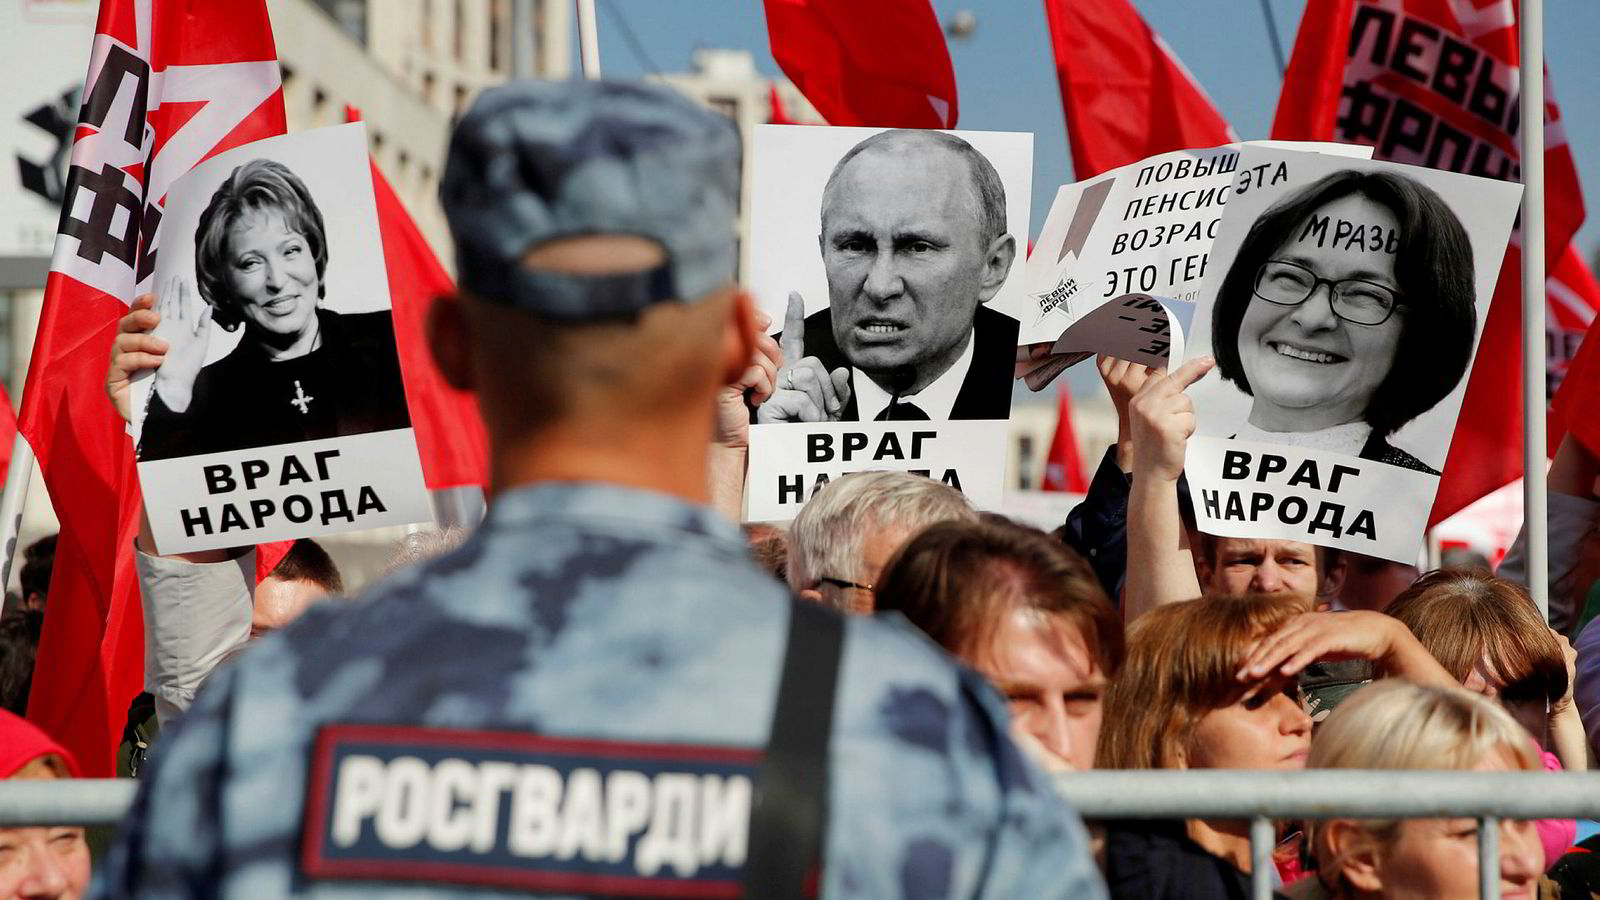 Folkets uvilje skyldes ikke frykt for forandring eller motvilje mot å arbeide. Gjennomsnittlig levealder for russiske menn er 67 år, og dermed er den nye pensjonsalderen på 65 år så godt som en statistisk dødsdom. Folkets uvilje skyldes ikke frykt for forandring eller motvilje mot å arbeide. Bildet er fra en demonstrasjon i Moskva, der venstreorienterte supportere holdt opp plakater av Valentina Matviyenko, Vladimir Putin og Elvira Nabiullina.